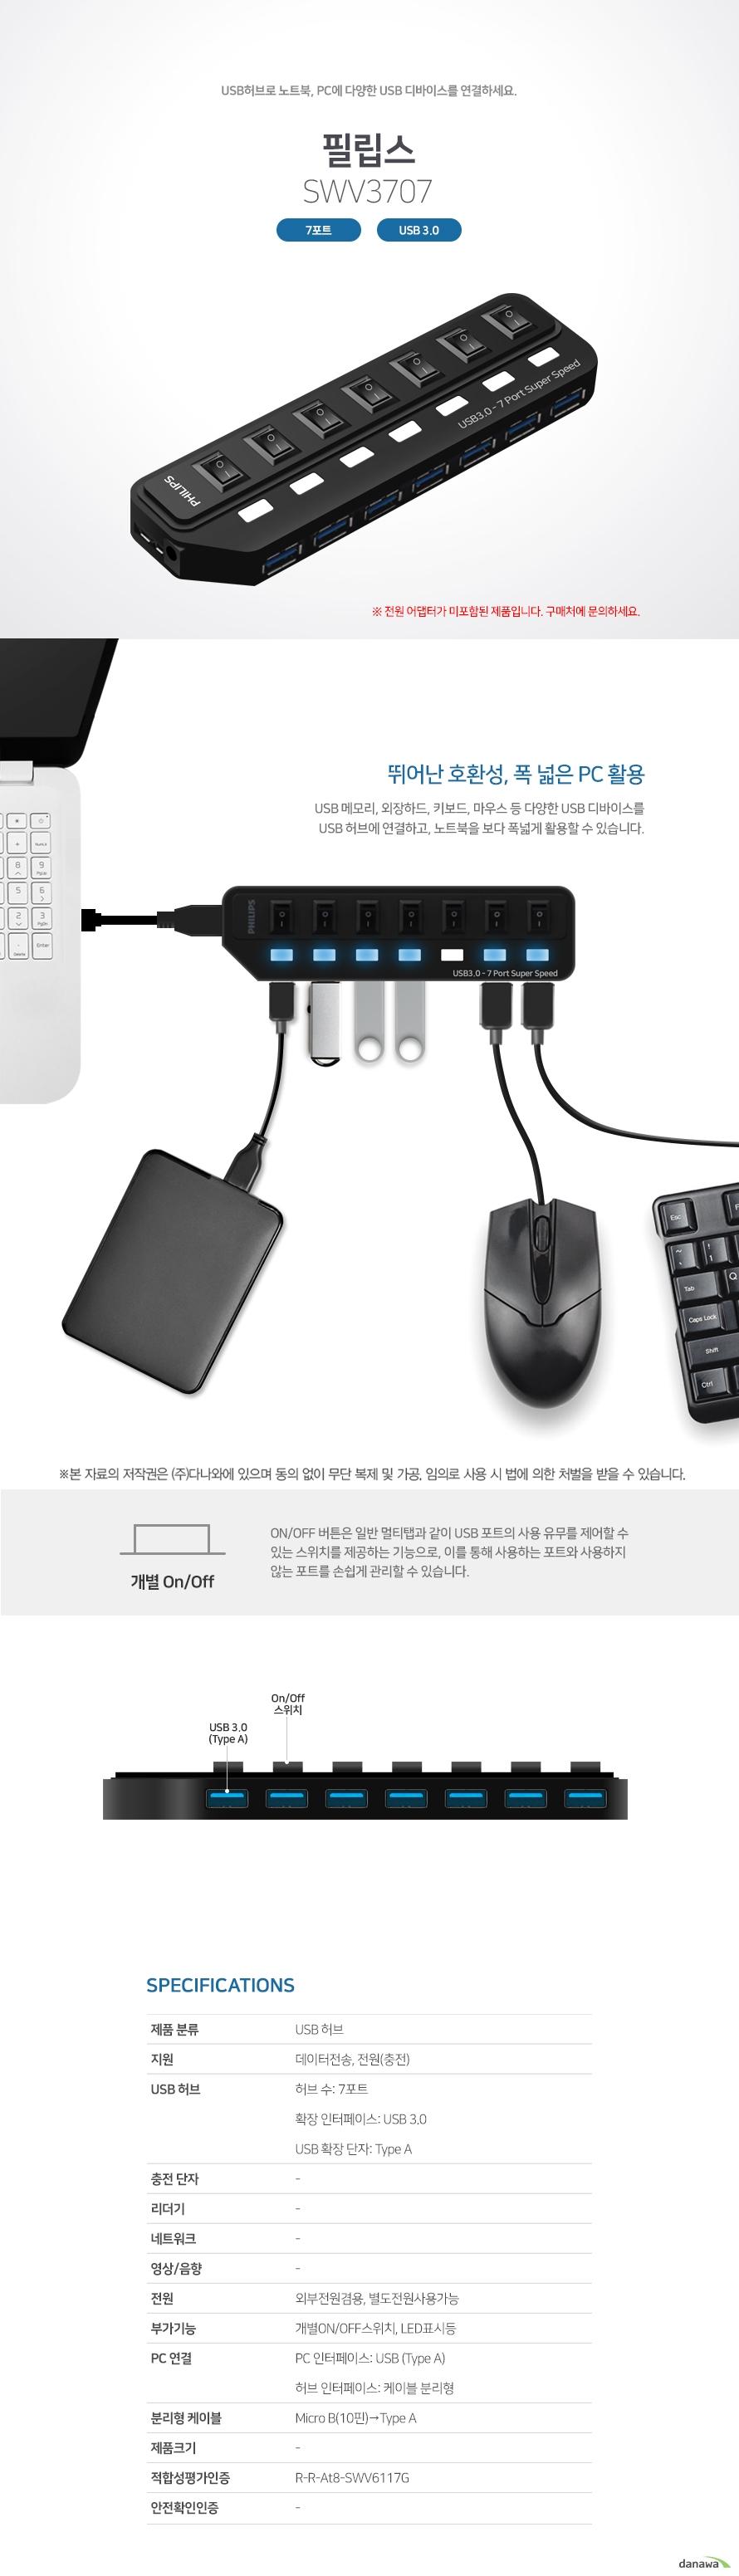 필립스 SWV3707 (7포트/USB 3.0/무전원)